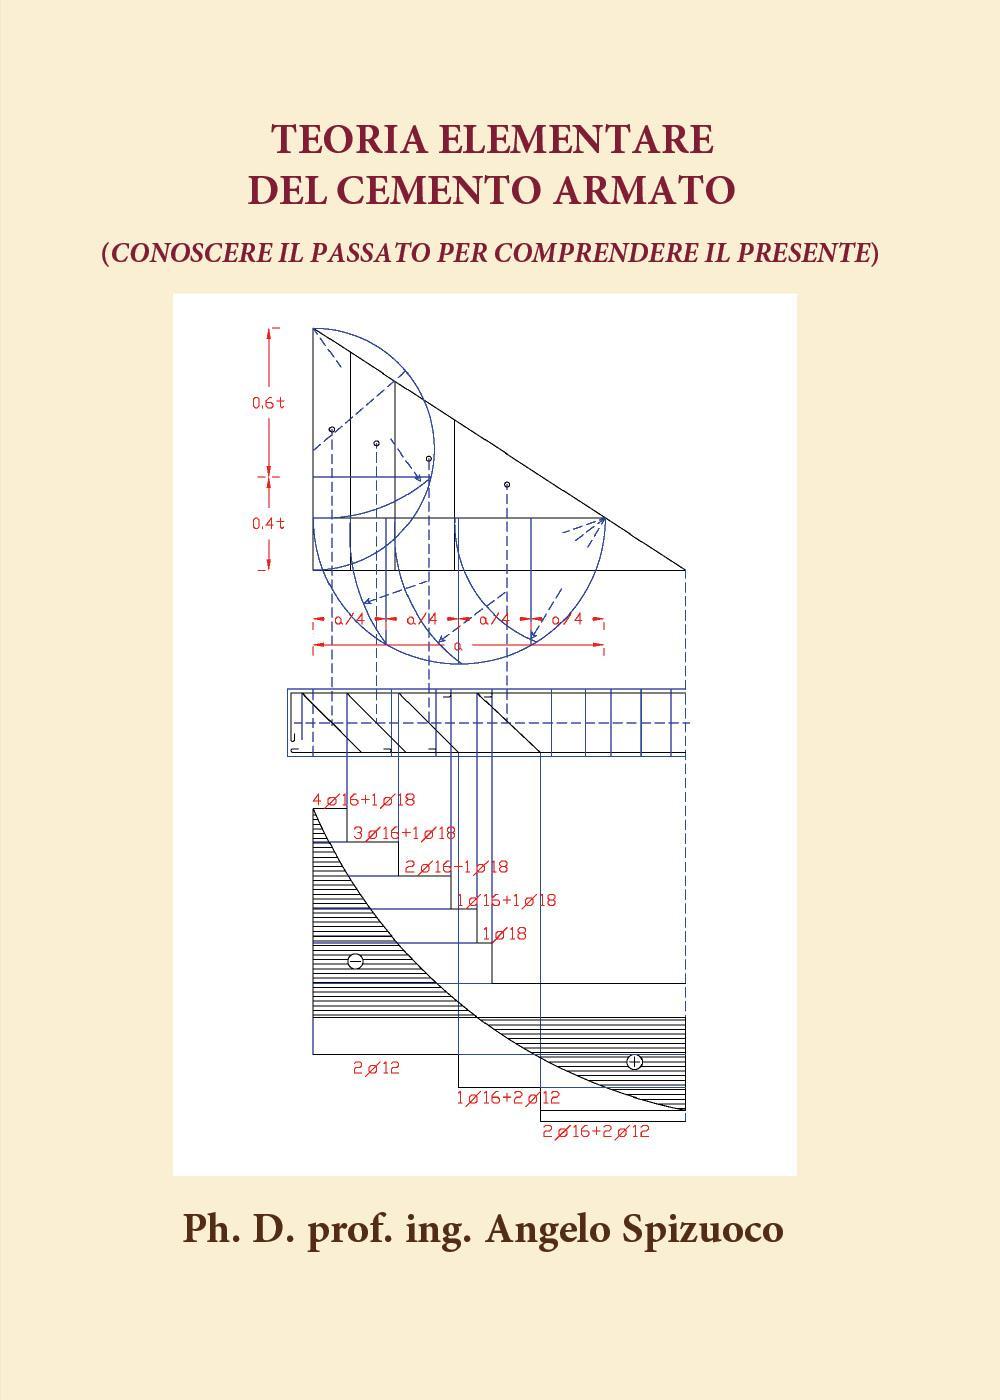 Teoria Elementare del cemento armato (CONOSCERE IL PASSATO PER COMPRENDERE IL PRESENTE)